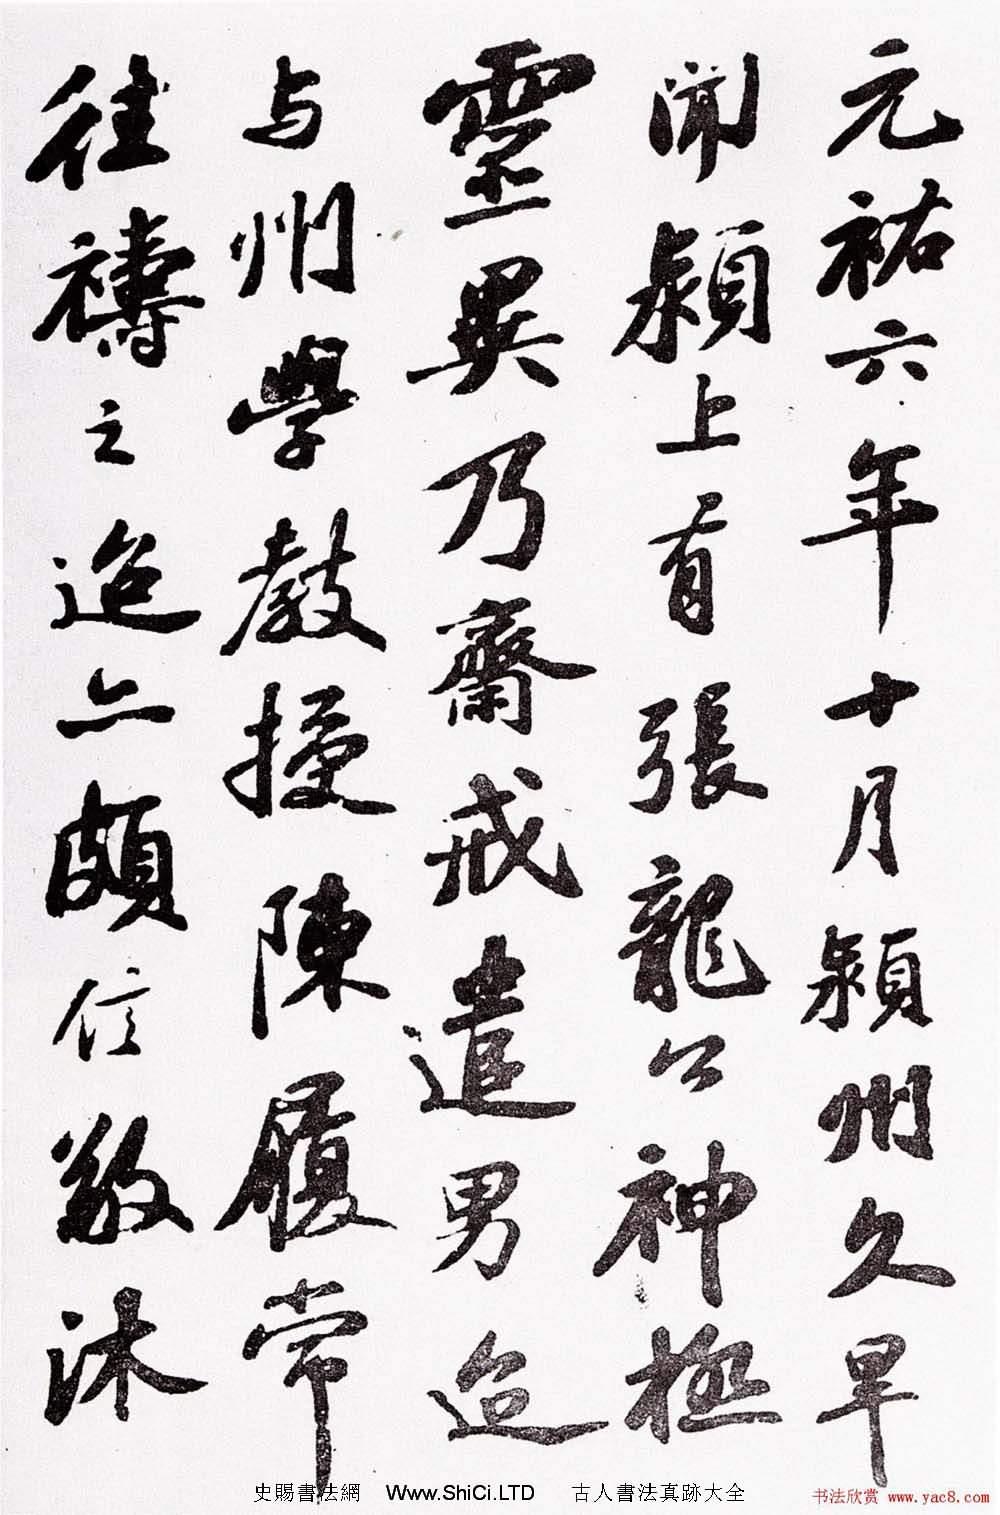 蘇軾行書真跡欣賞《禱雨帖》(共7張圖片)